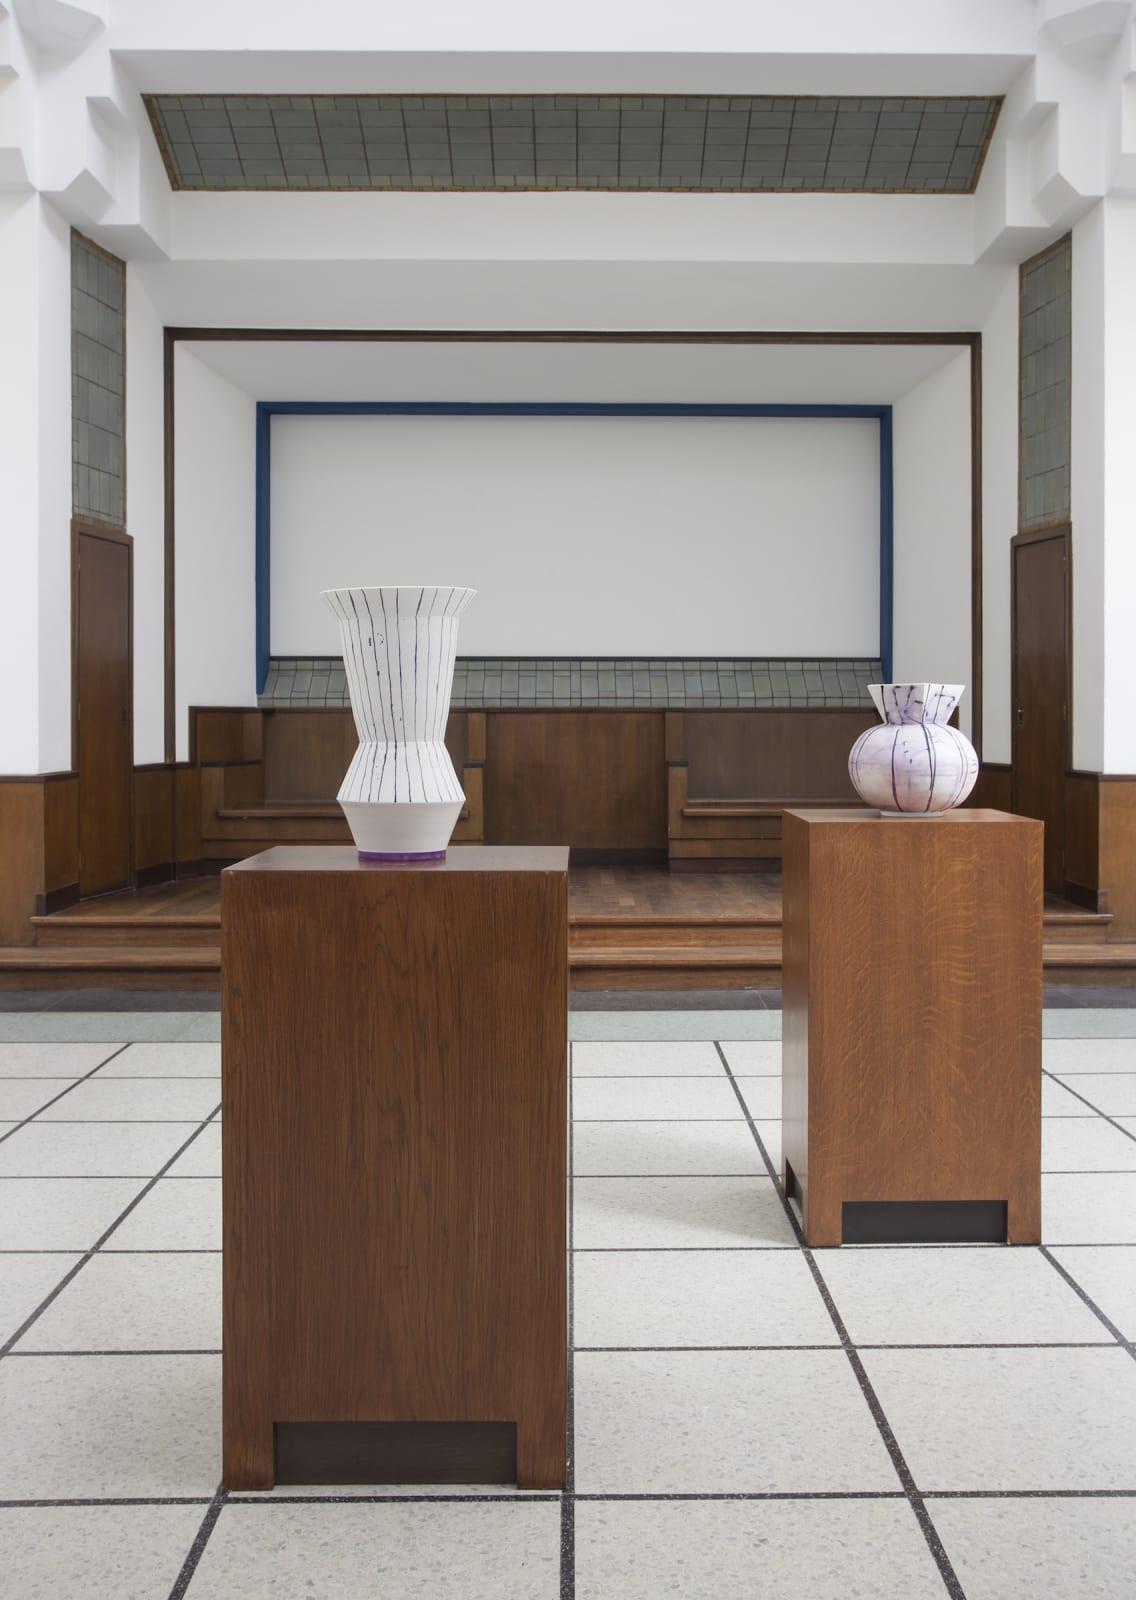 Installation view, The Archive, Gemeentemuseum Den Haag (2014) | Photo: Alice de Groot